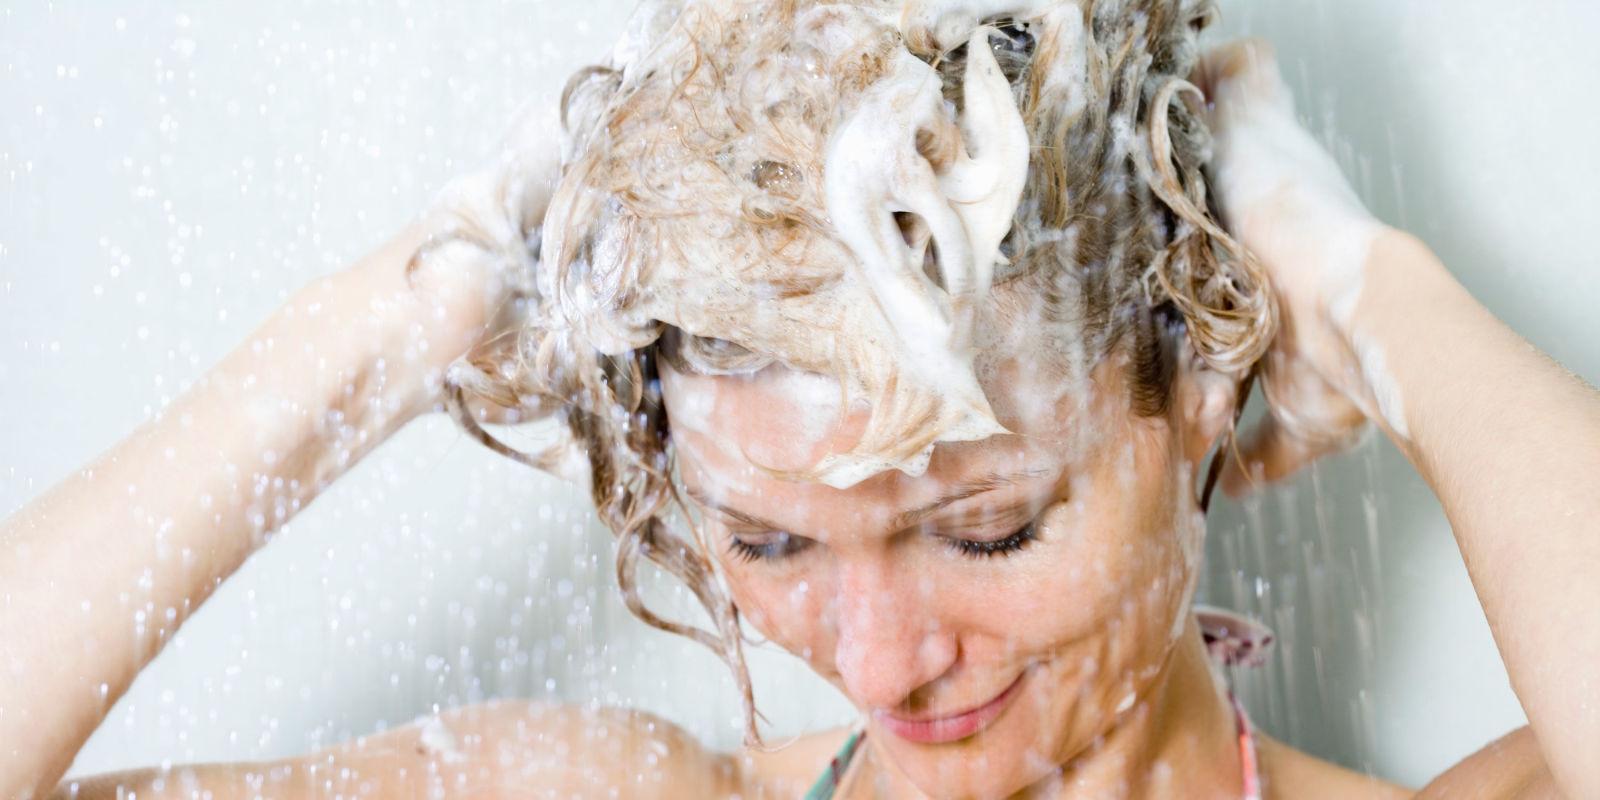 Сильно выпадают волосы у женщин что делать, как решить проблему